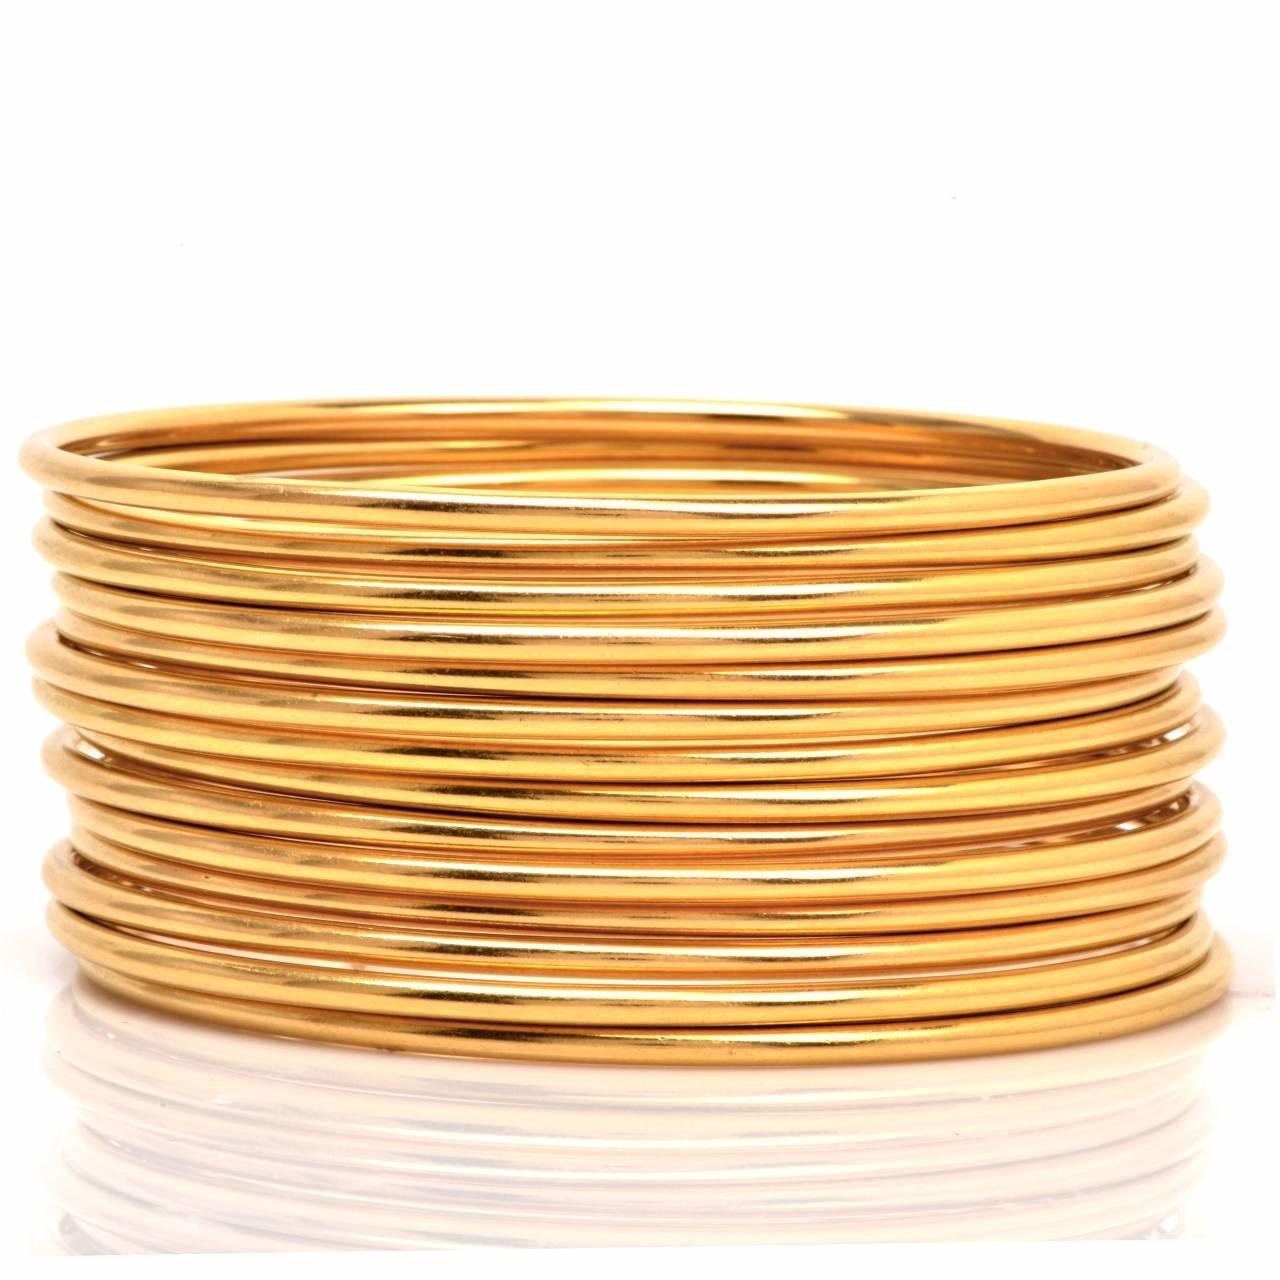 Stackable Gold Bangle Bracelets Set of 12 9